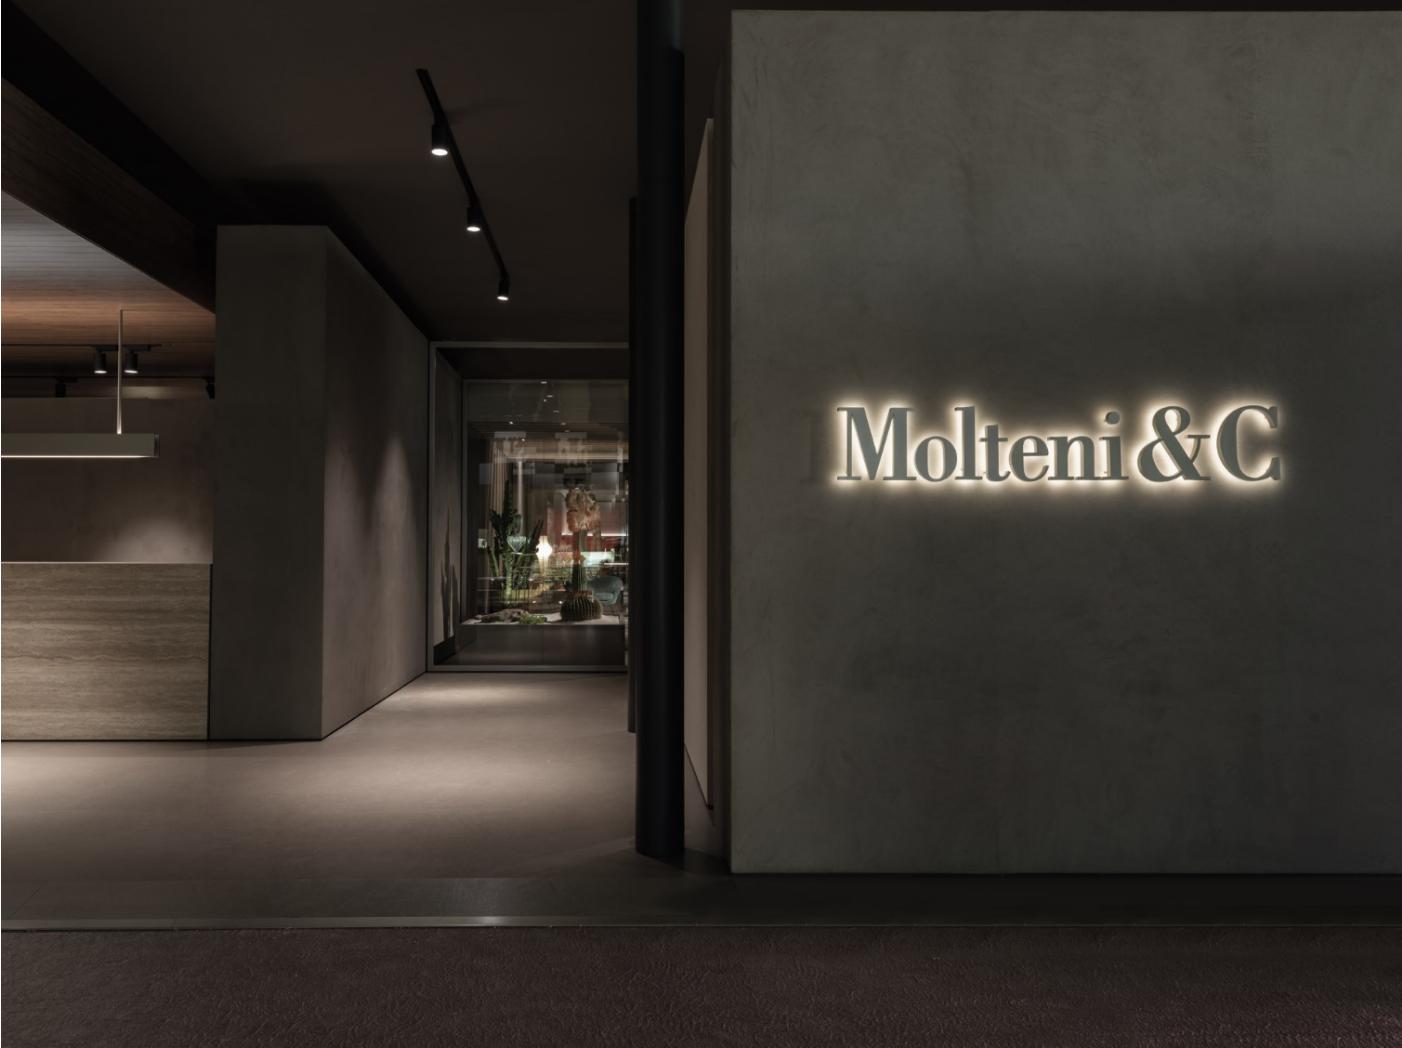 VVDA_2019_Molteni&C Exhibition Stand Il Salone Del Mobile 1